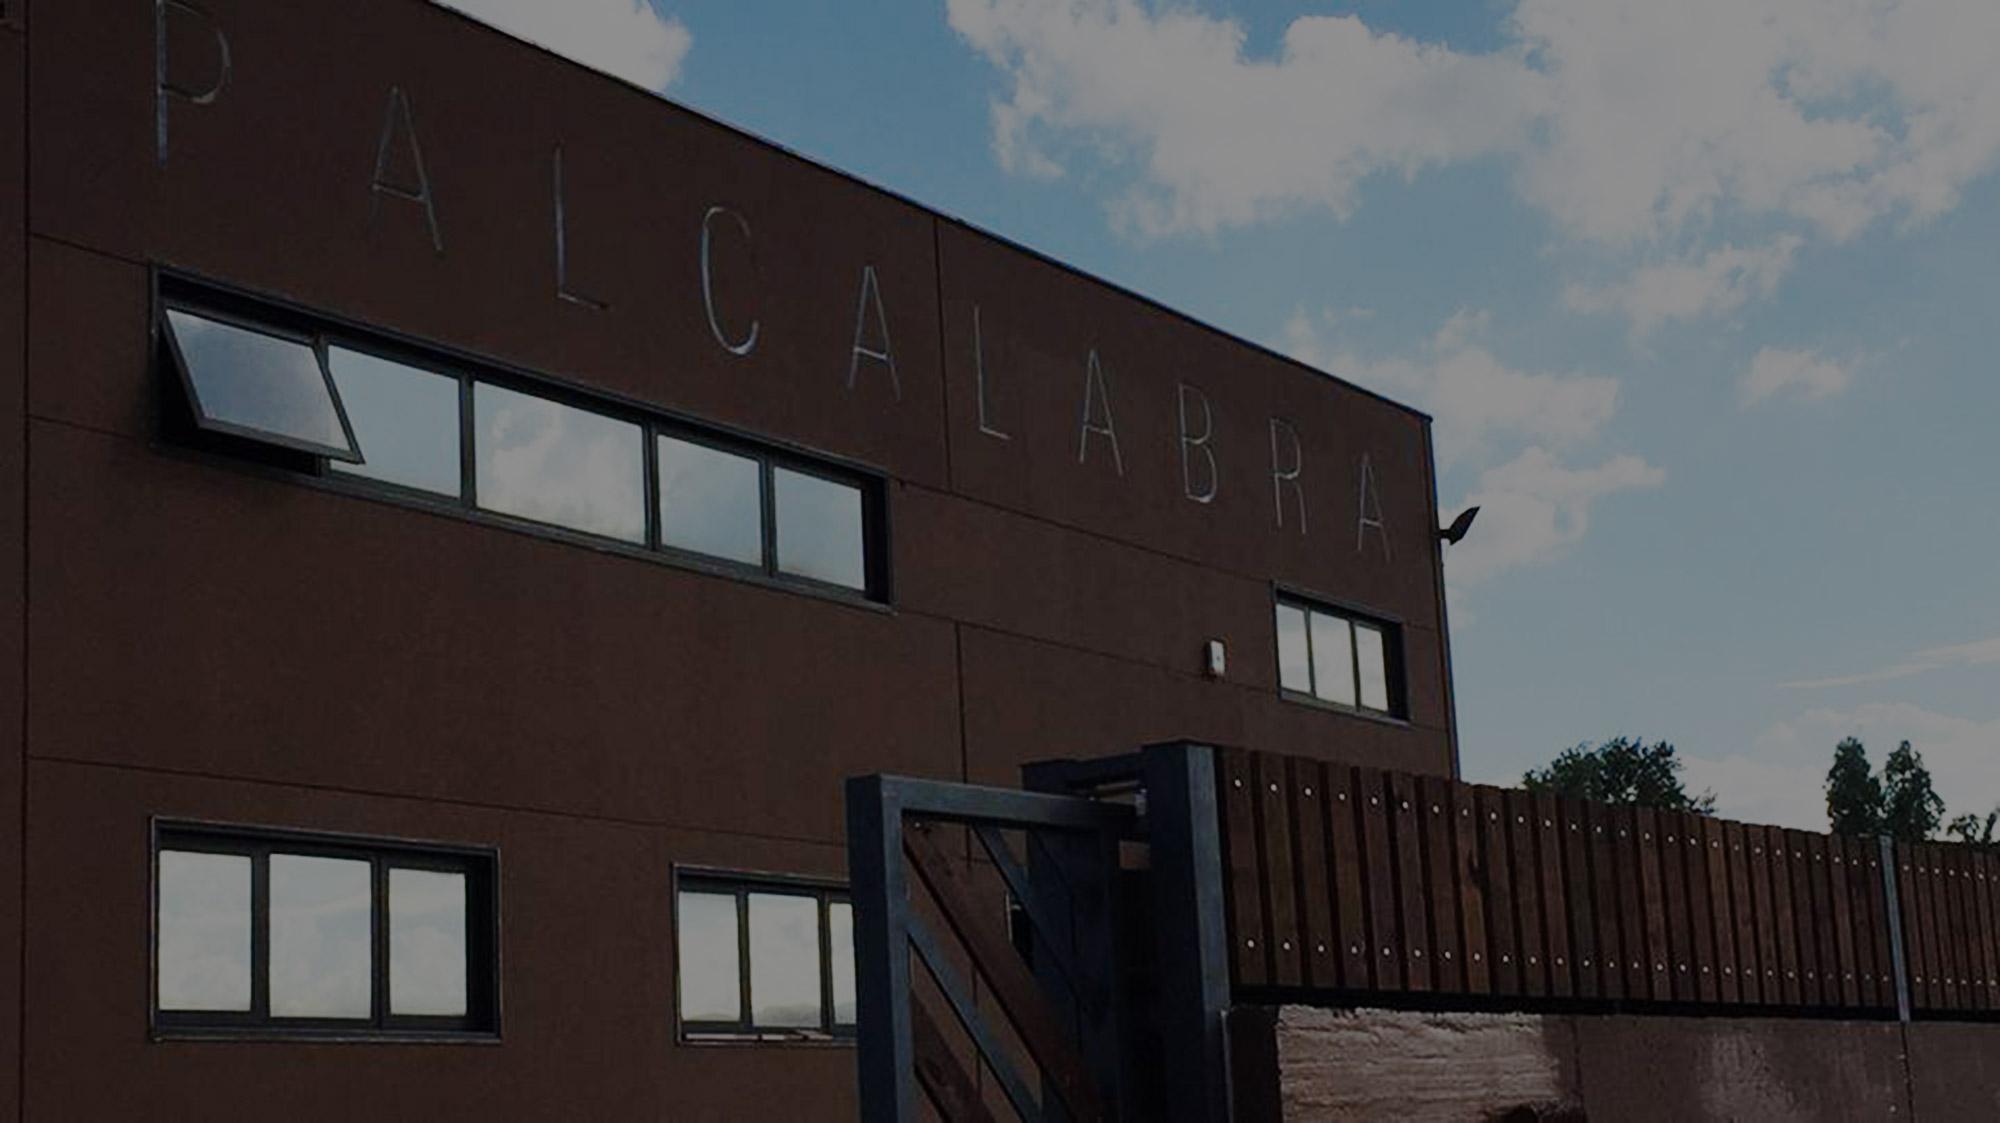 pal-calabra